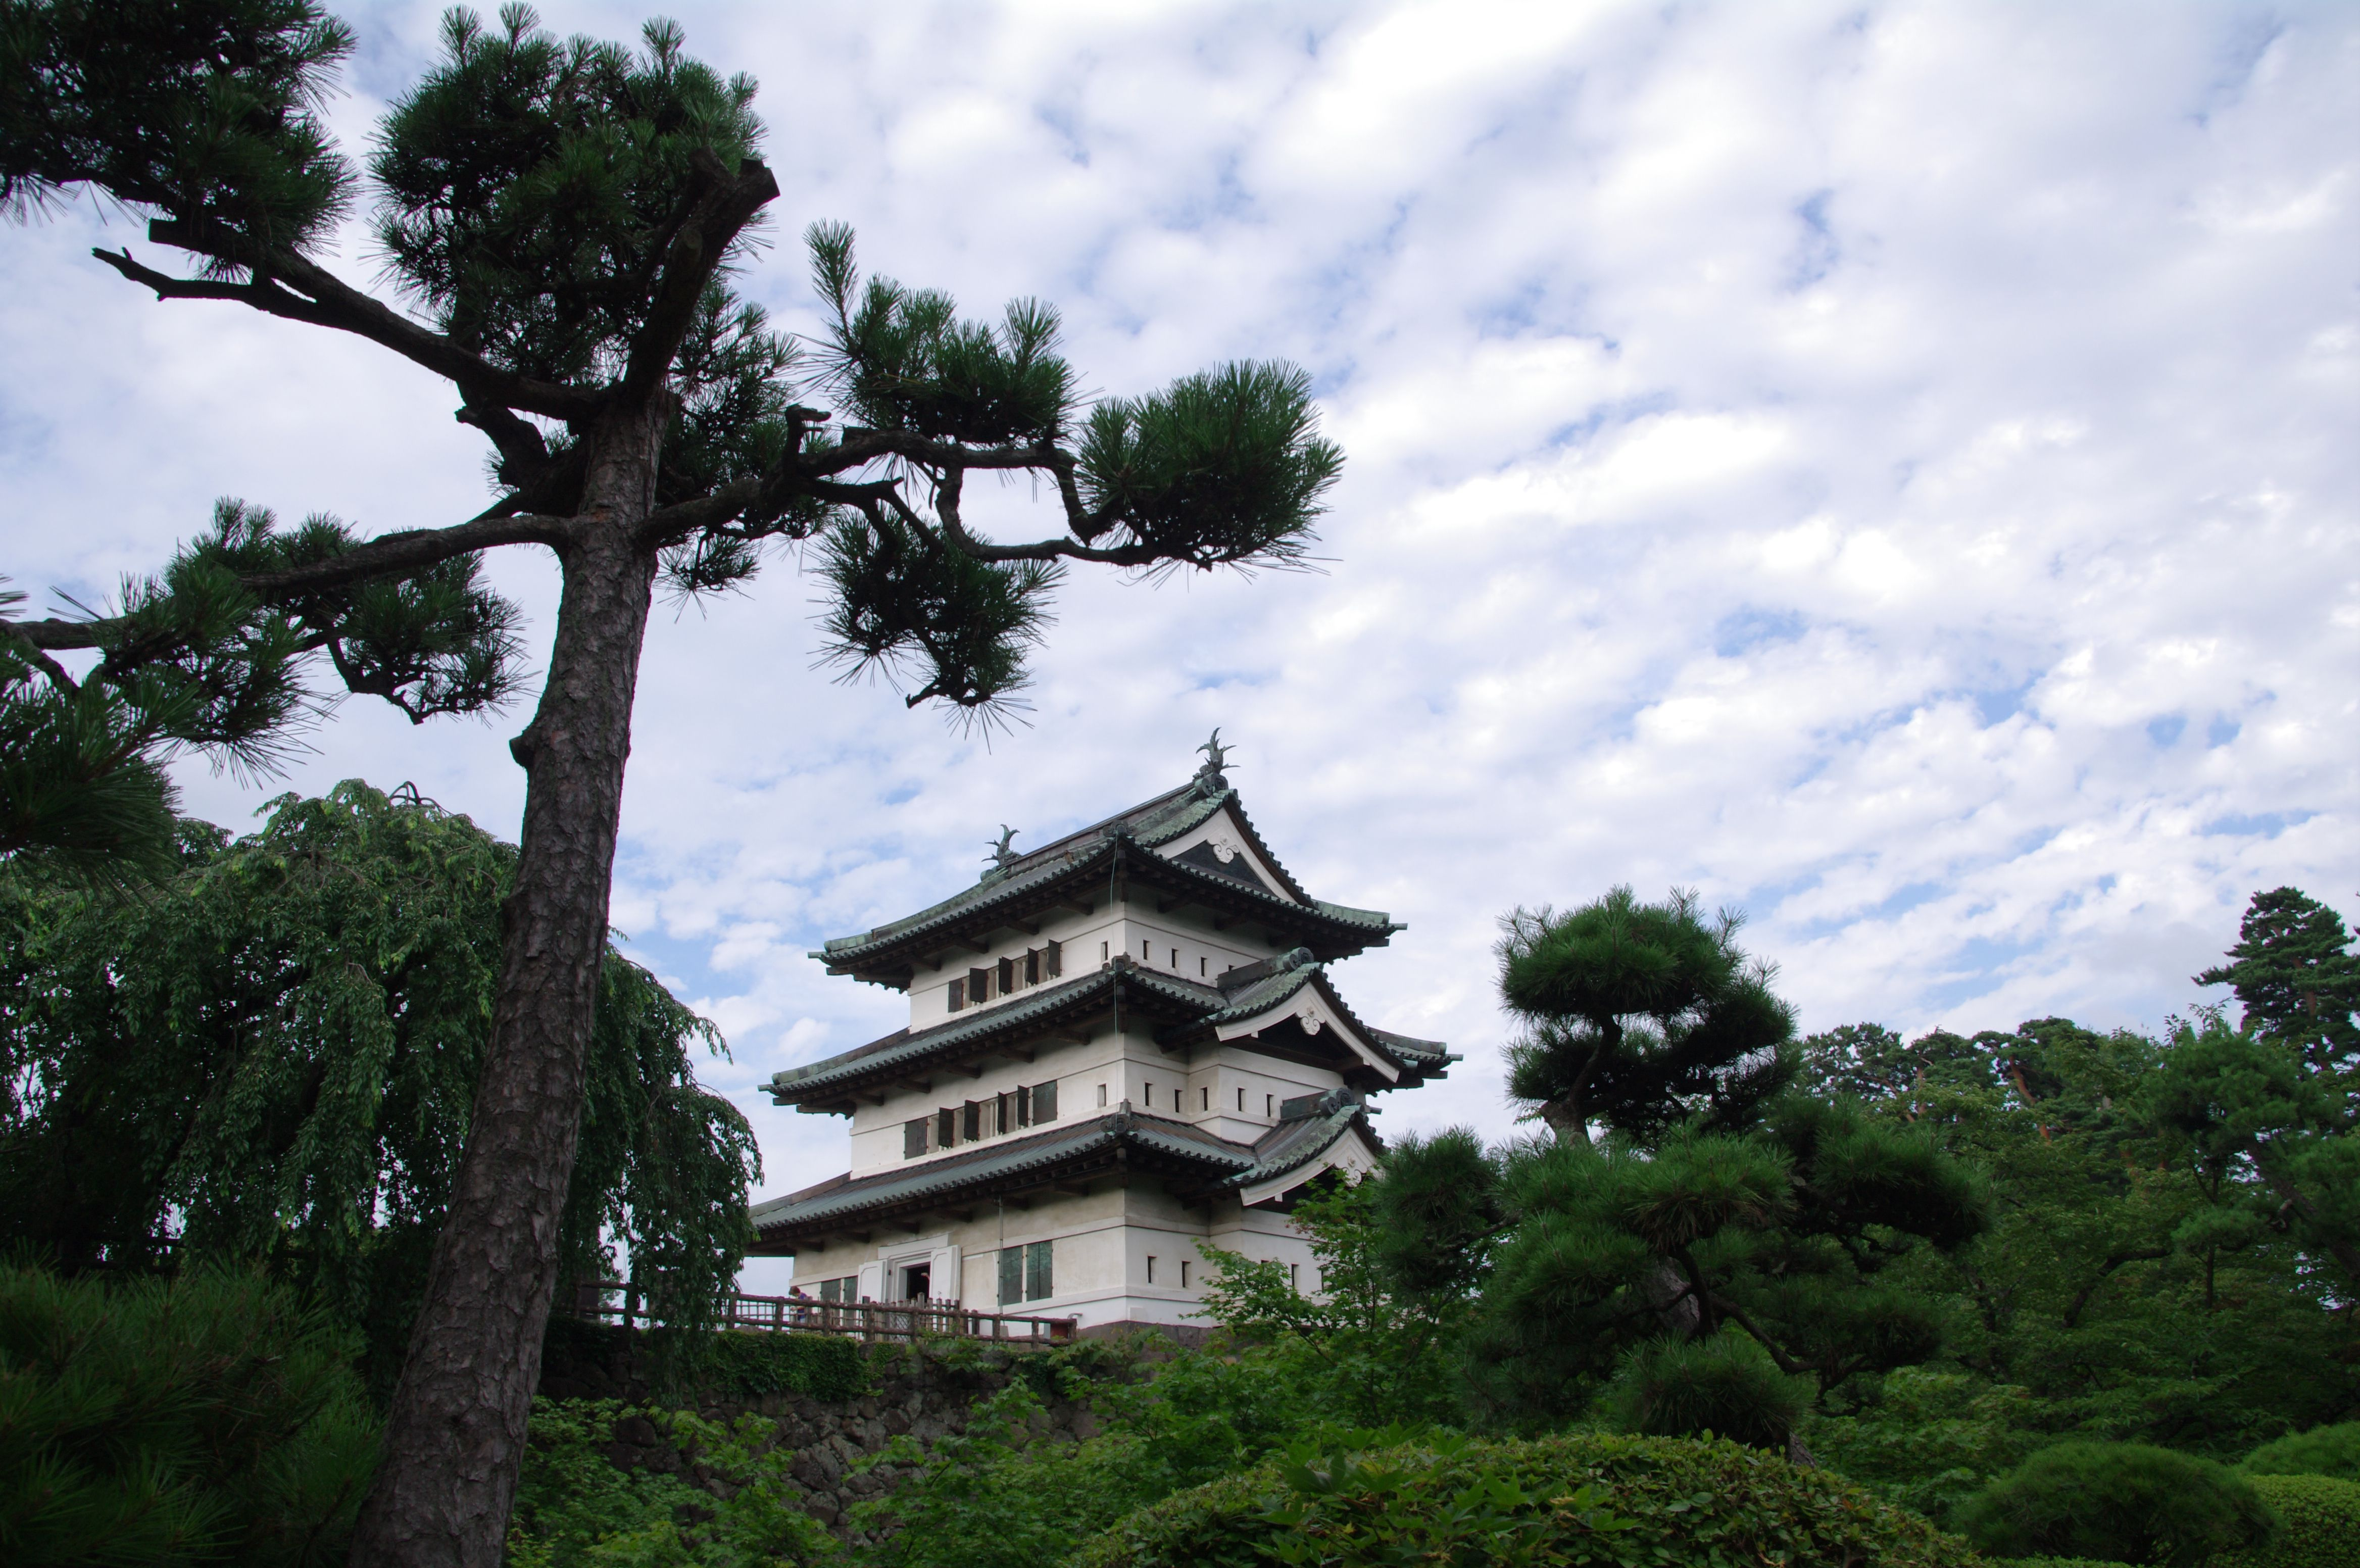 Top 12 Oldest Castles in Japan